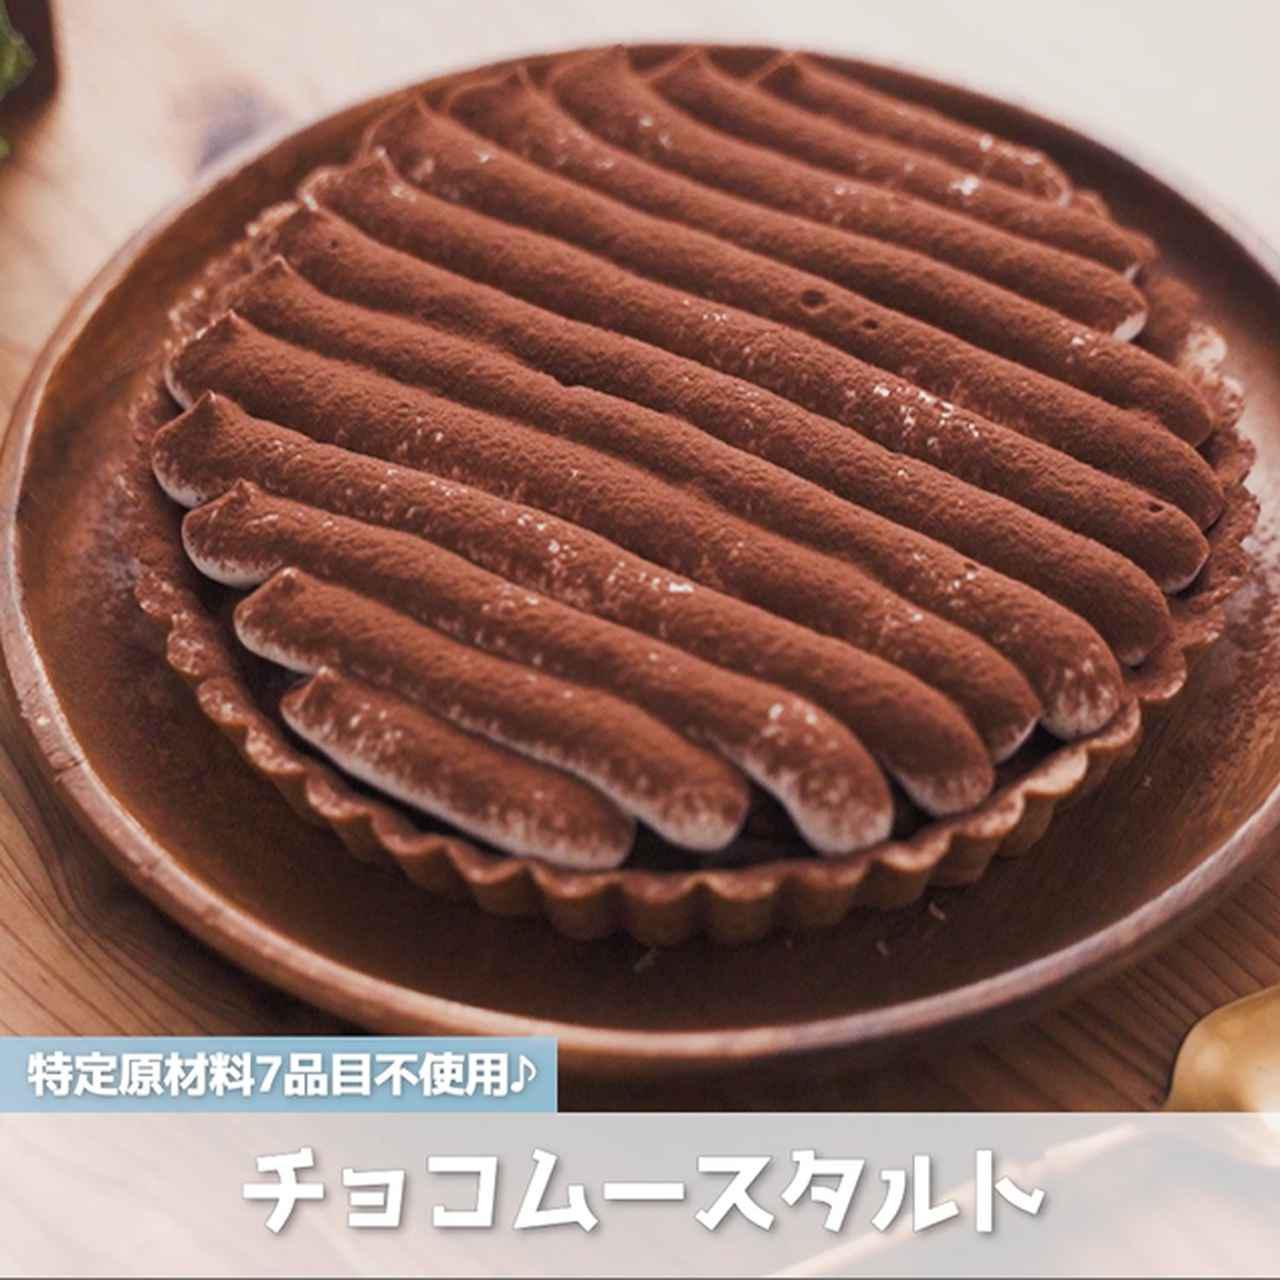 画像: みんなで食べたいチョコレートムースタルト - 君とごはん